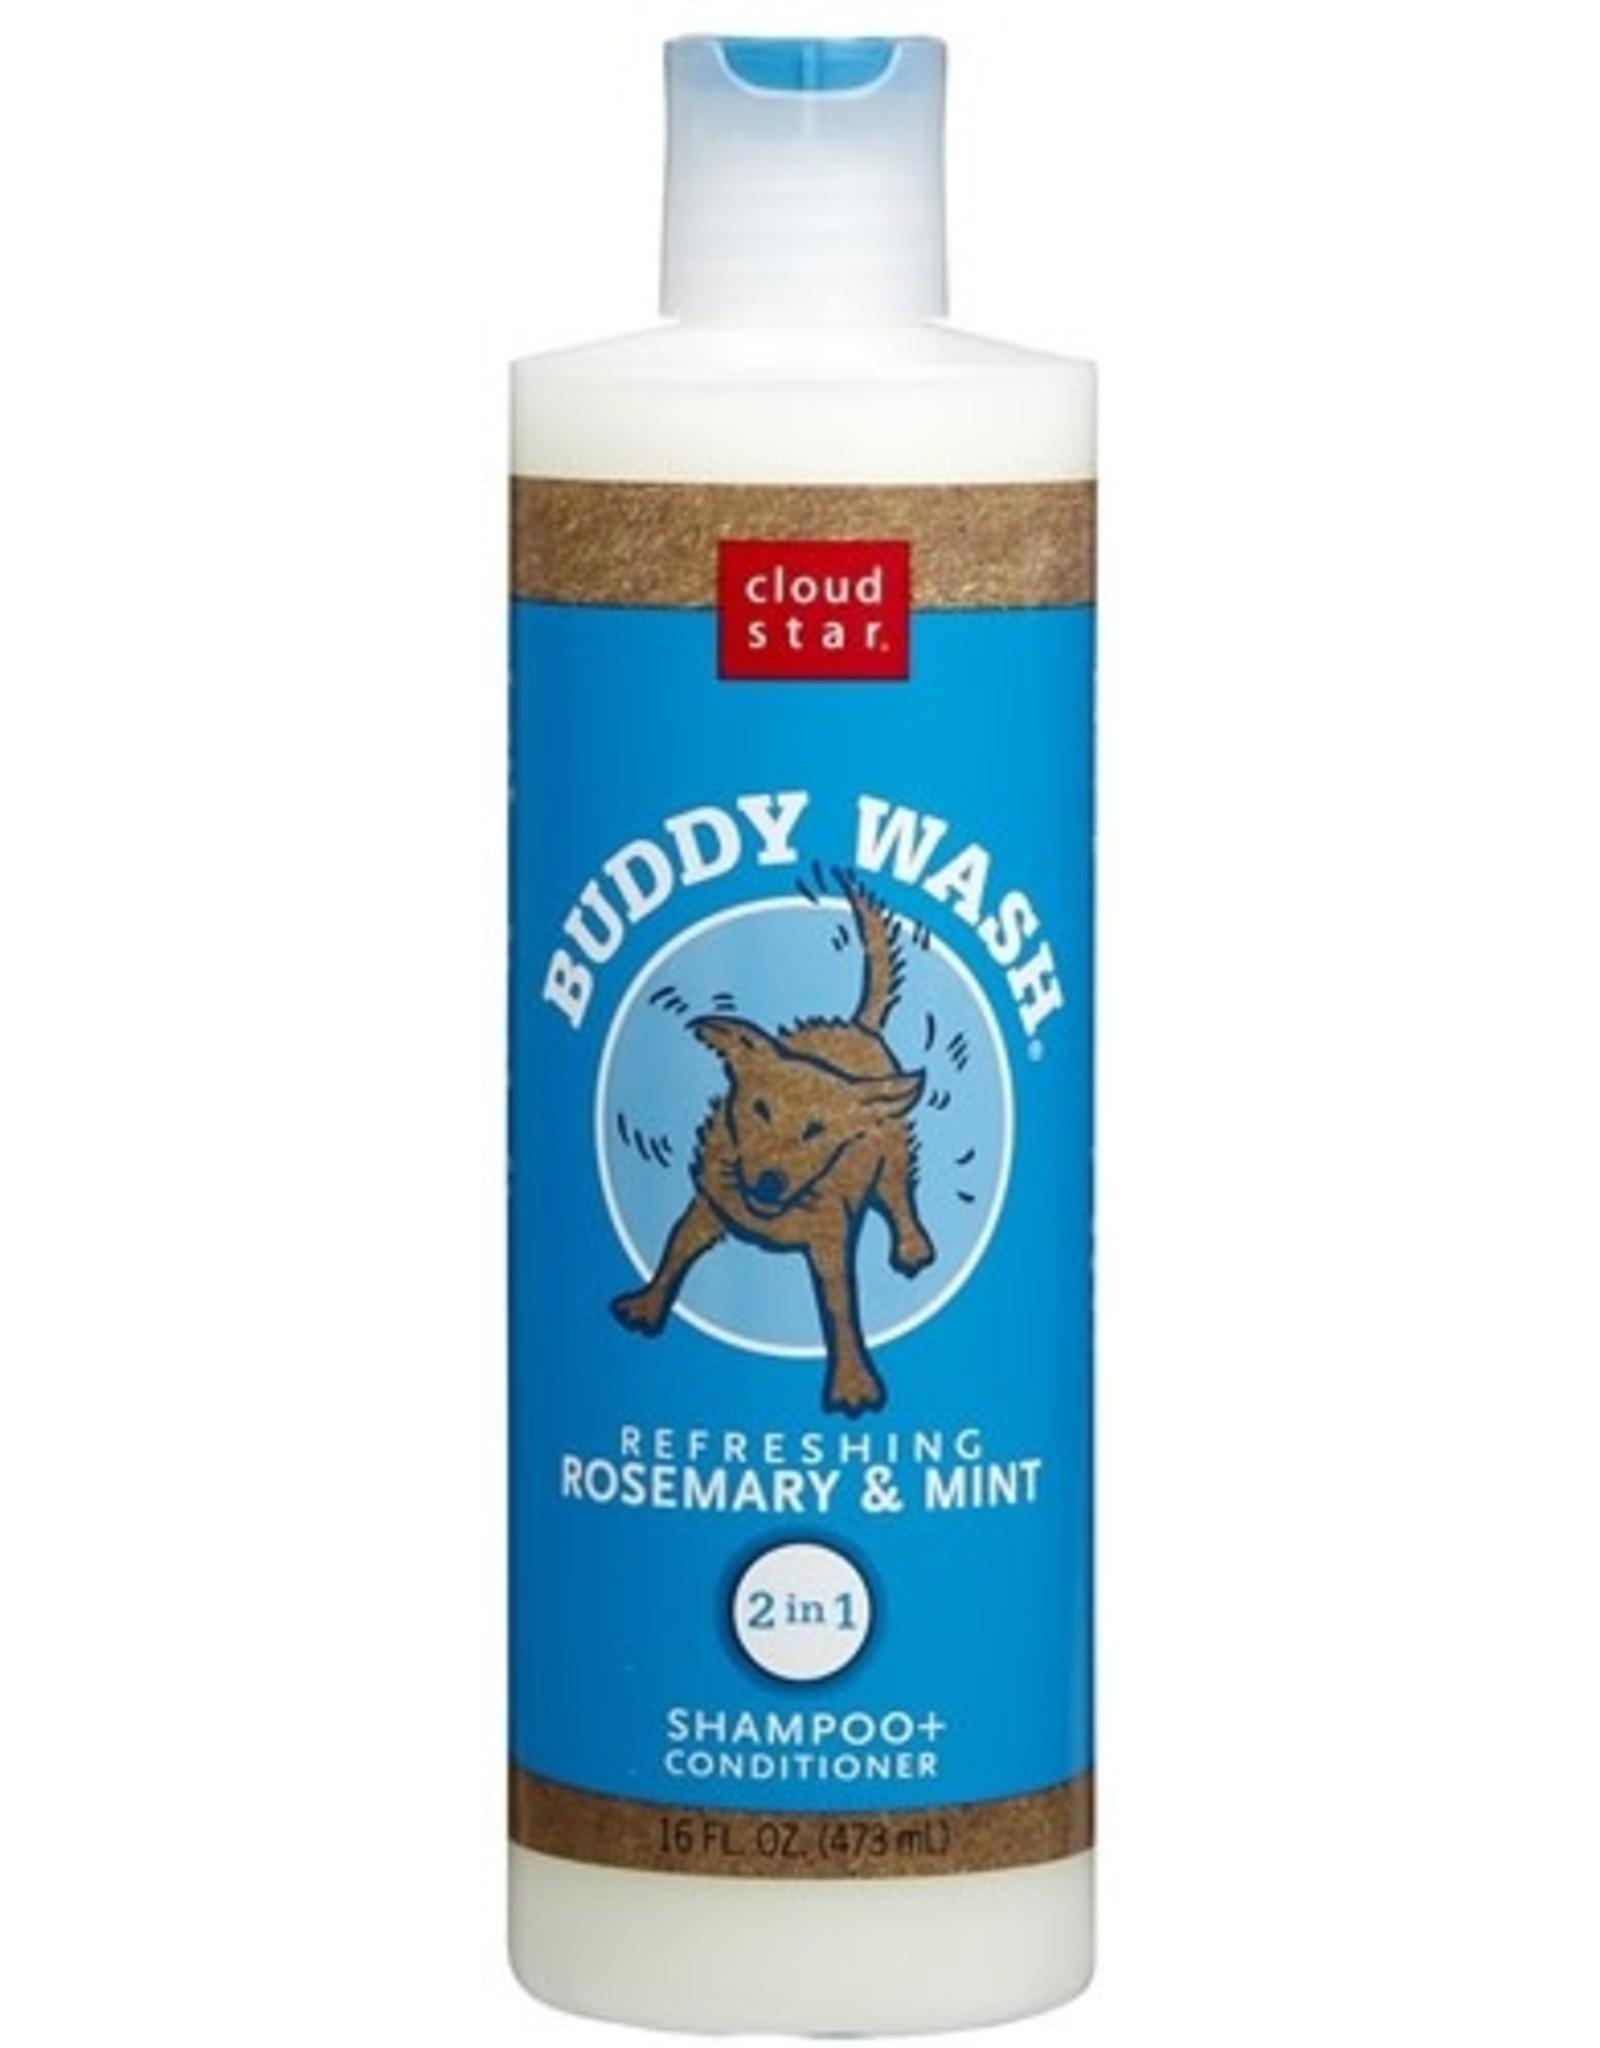 Cloud Star Buddywash: Rosemary & Mint Shampoo, 16 oz